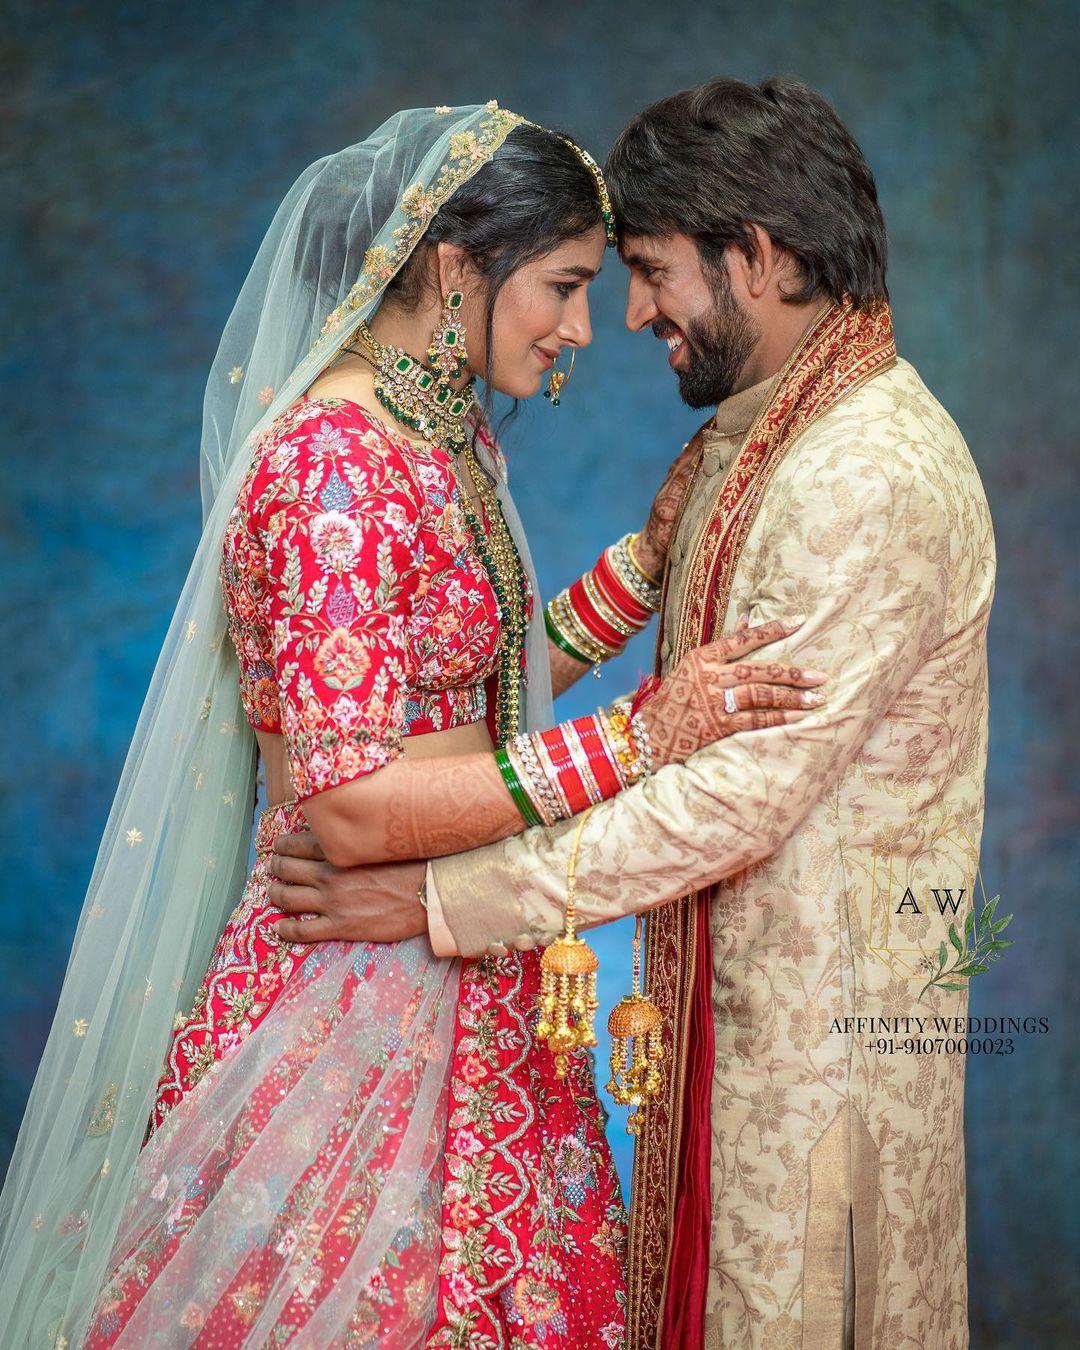 Indian Wrestlers Sangeeta Phogat and Bajrang Punia's Hindu Wedding